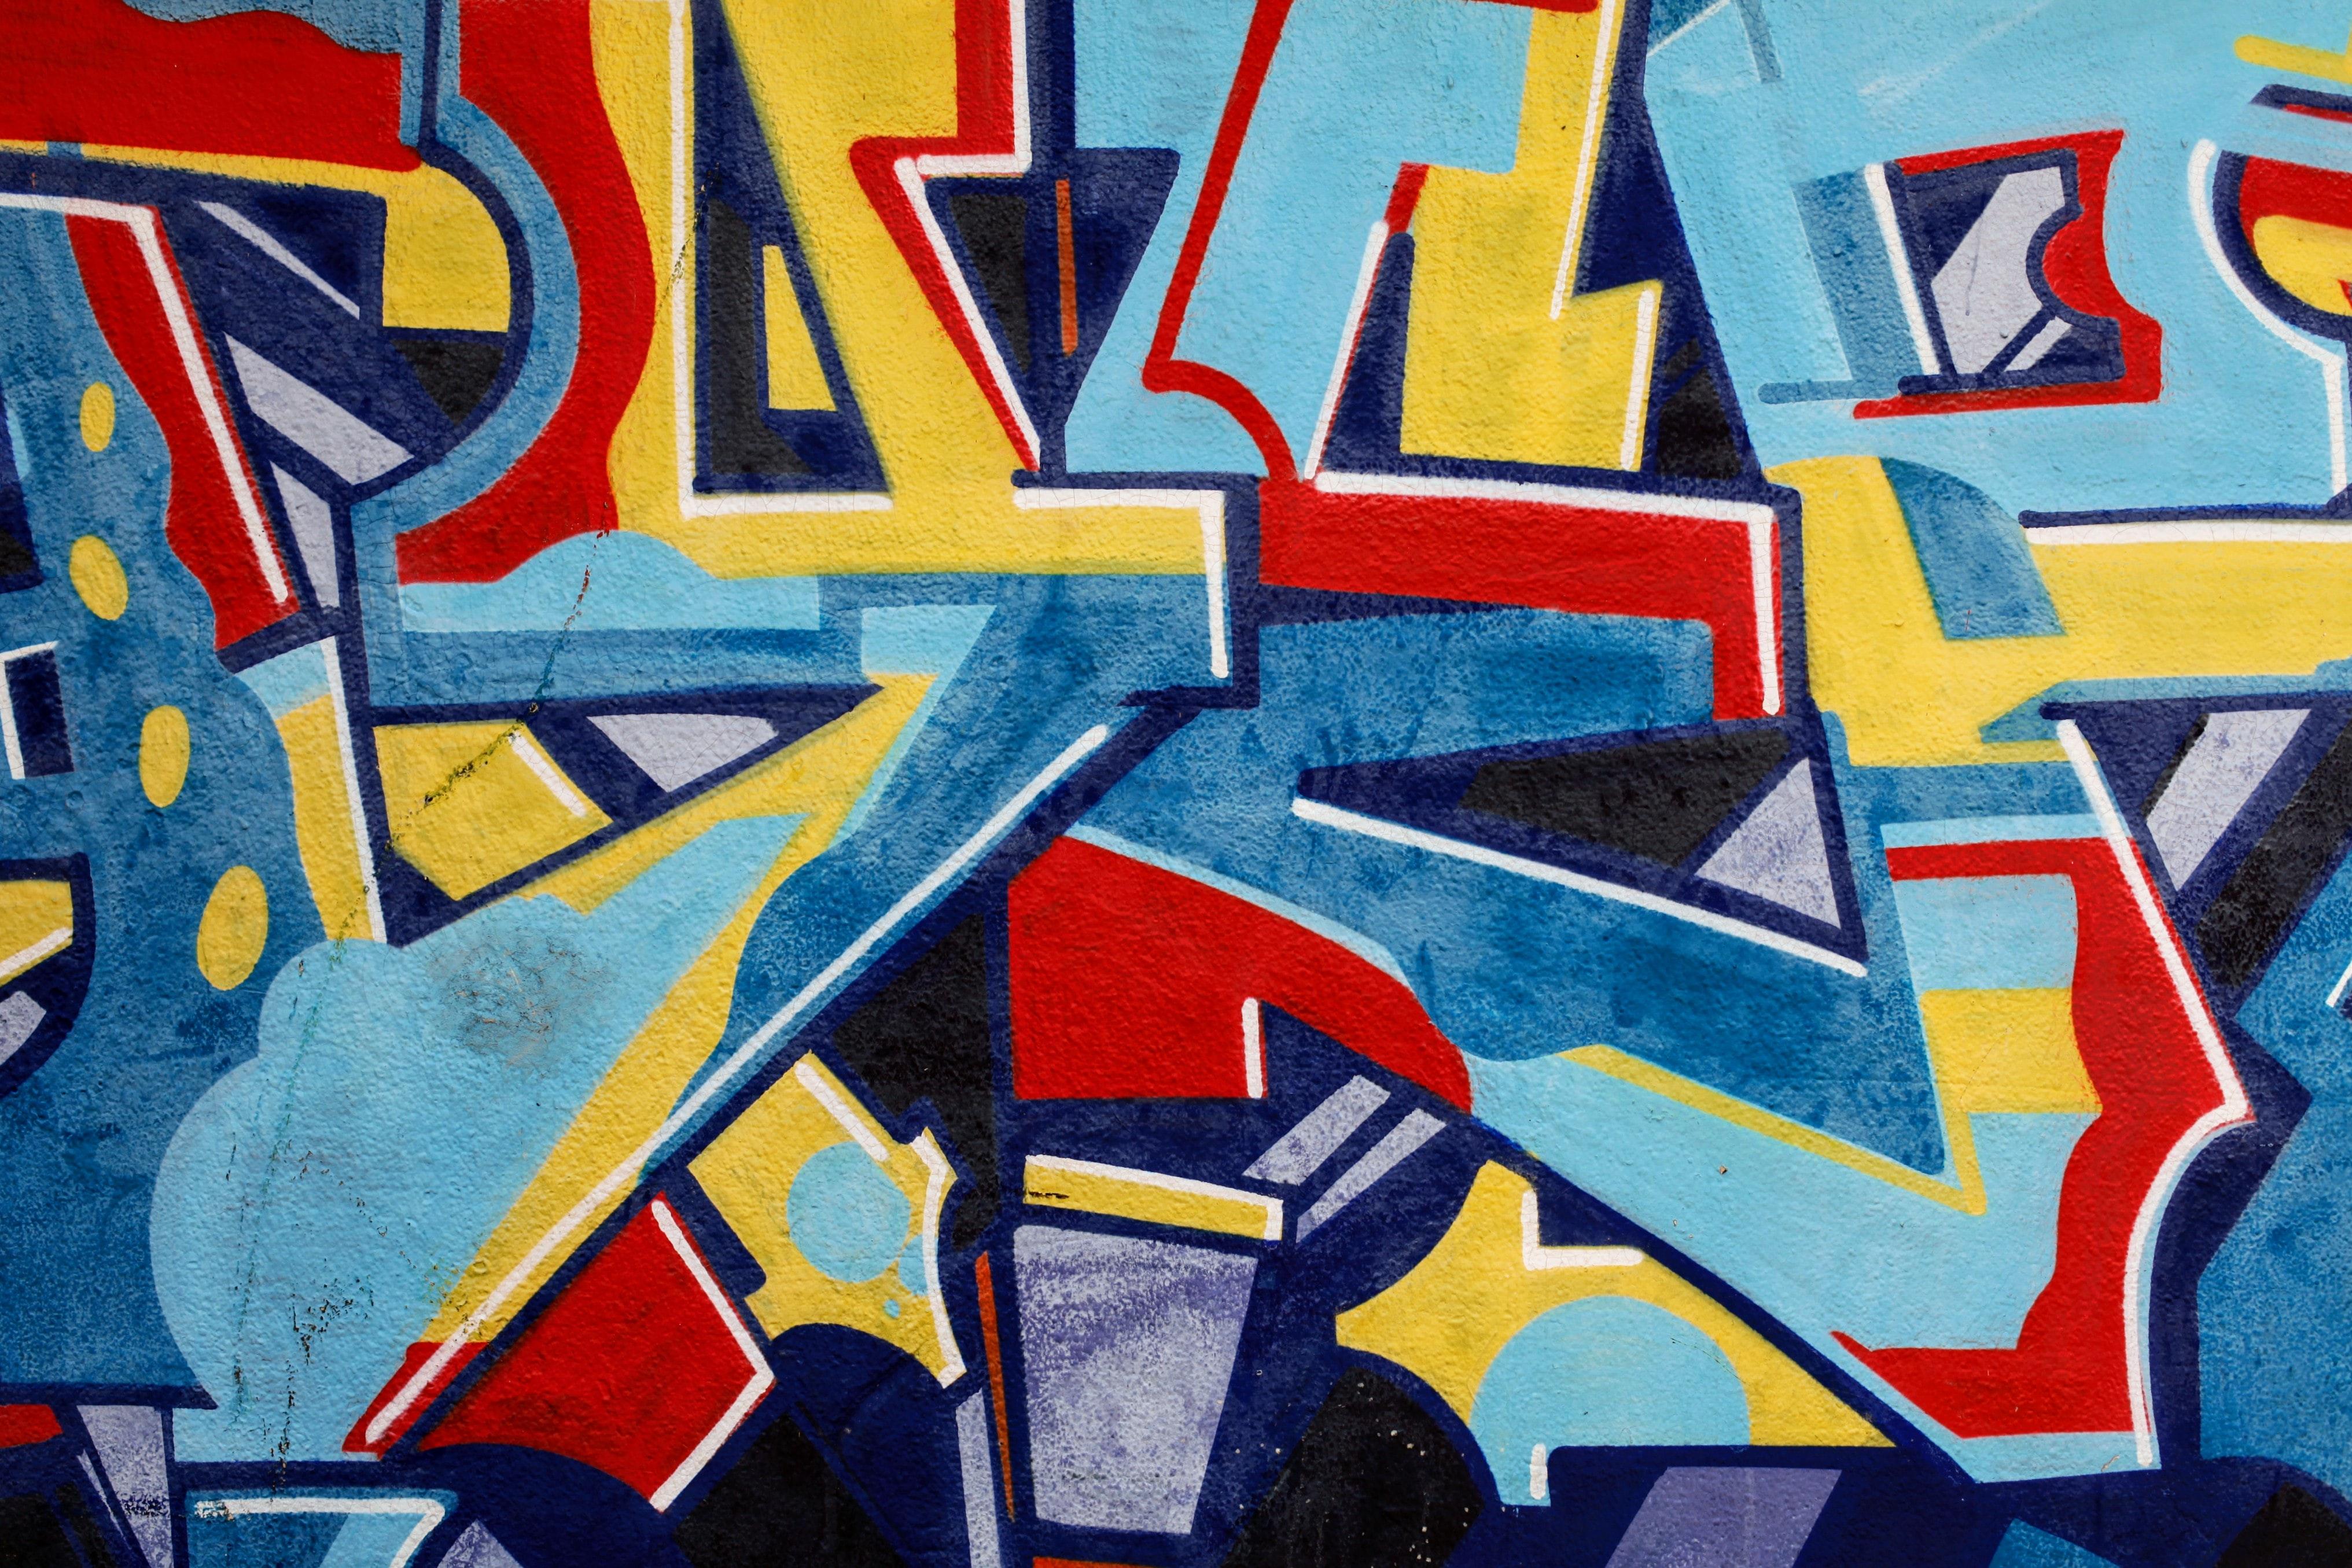 53633 Hintergrundbild herunterladen Symbole, Zeichen, Verschiedenes, Sonstige, Farbe, Wand, Graffiti, Briefe, Buchstaben - Bildschirmschoner und Bilder kostenlos